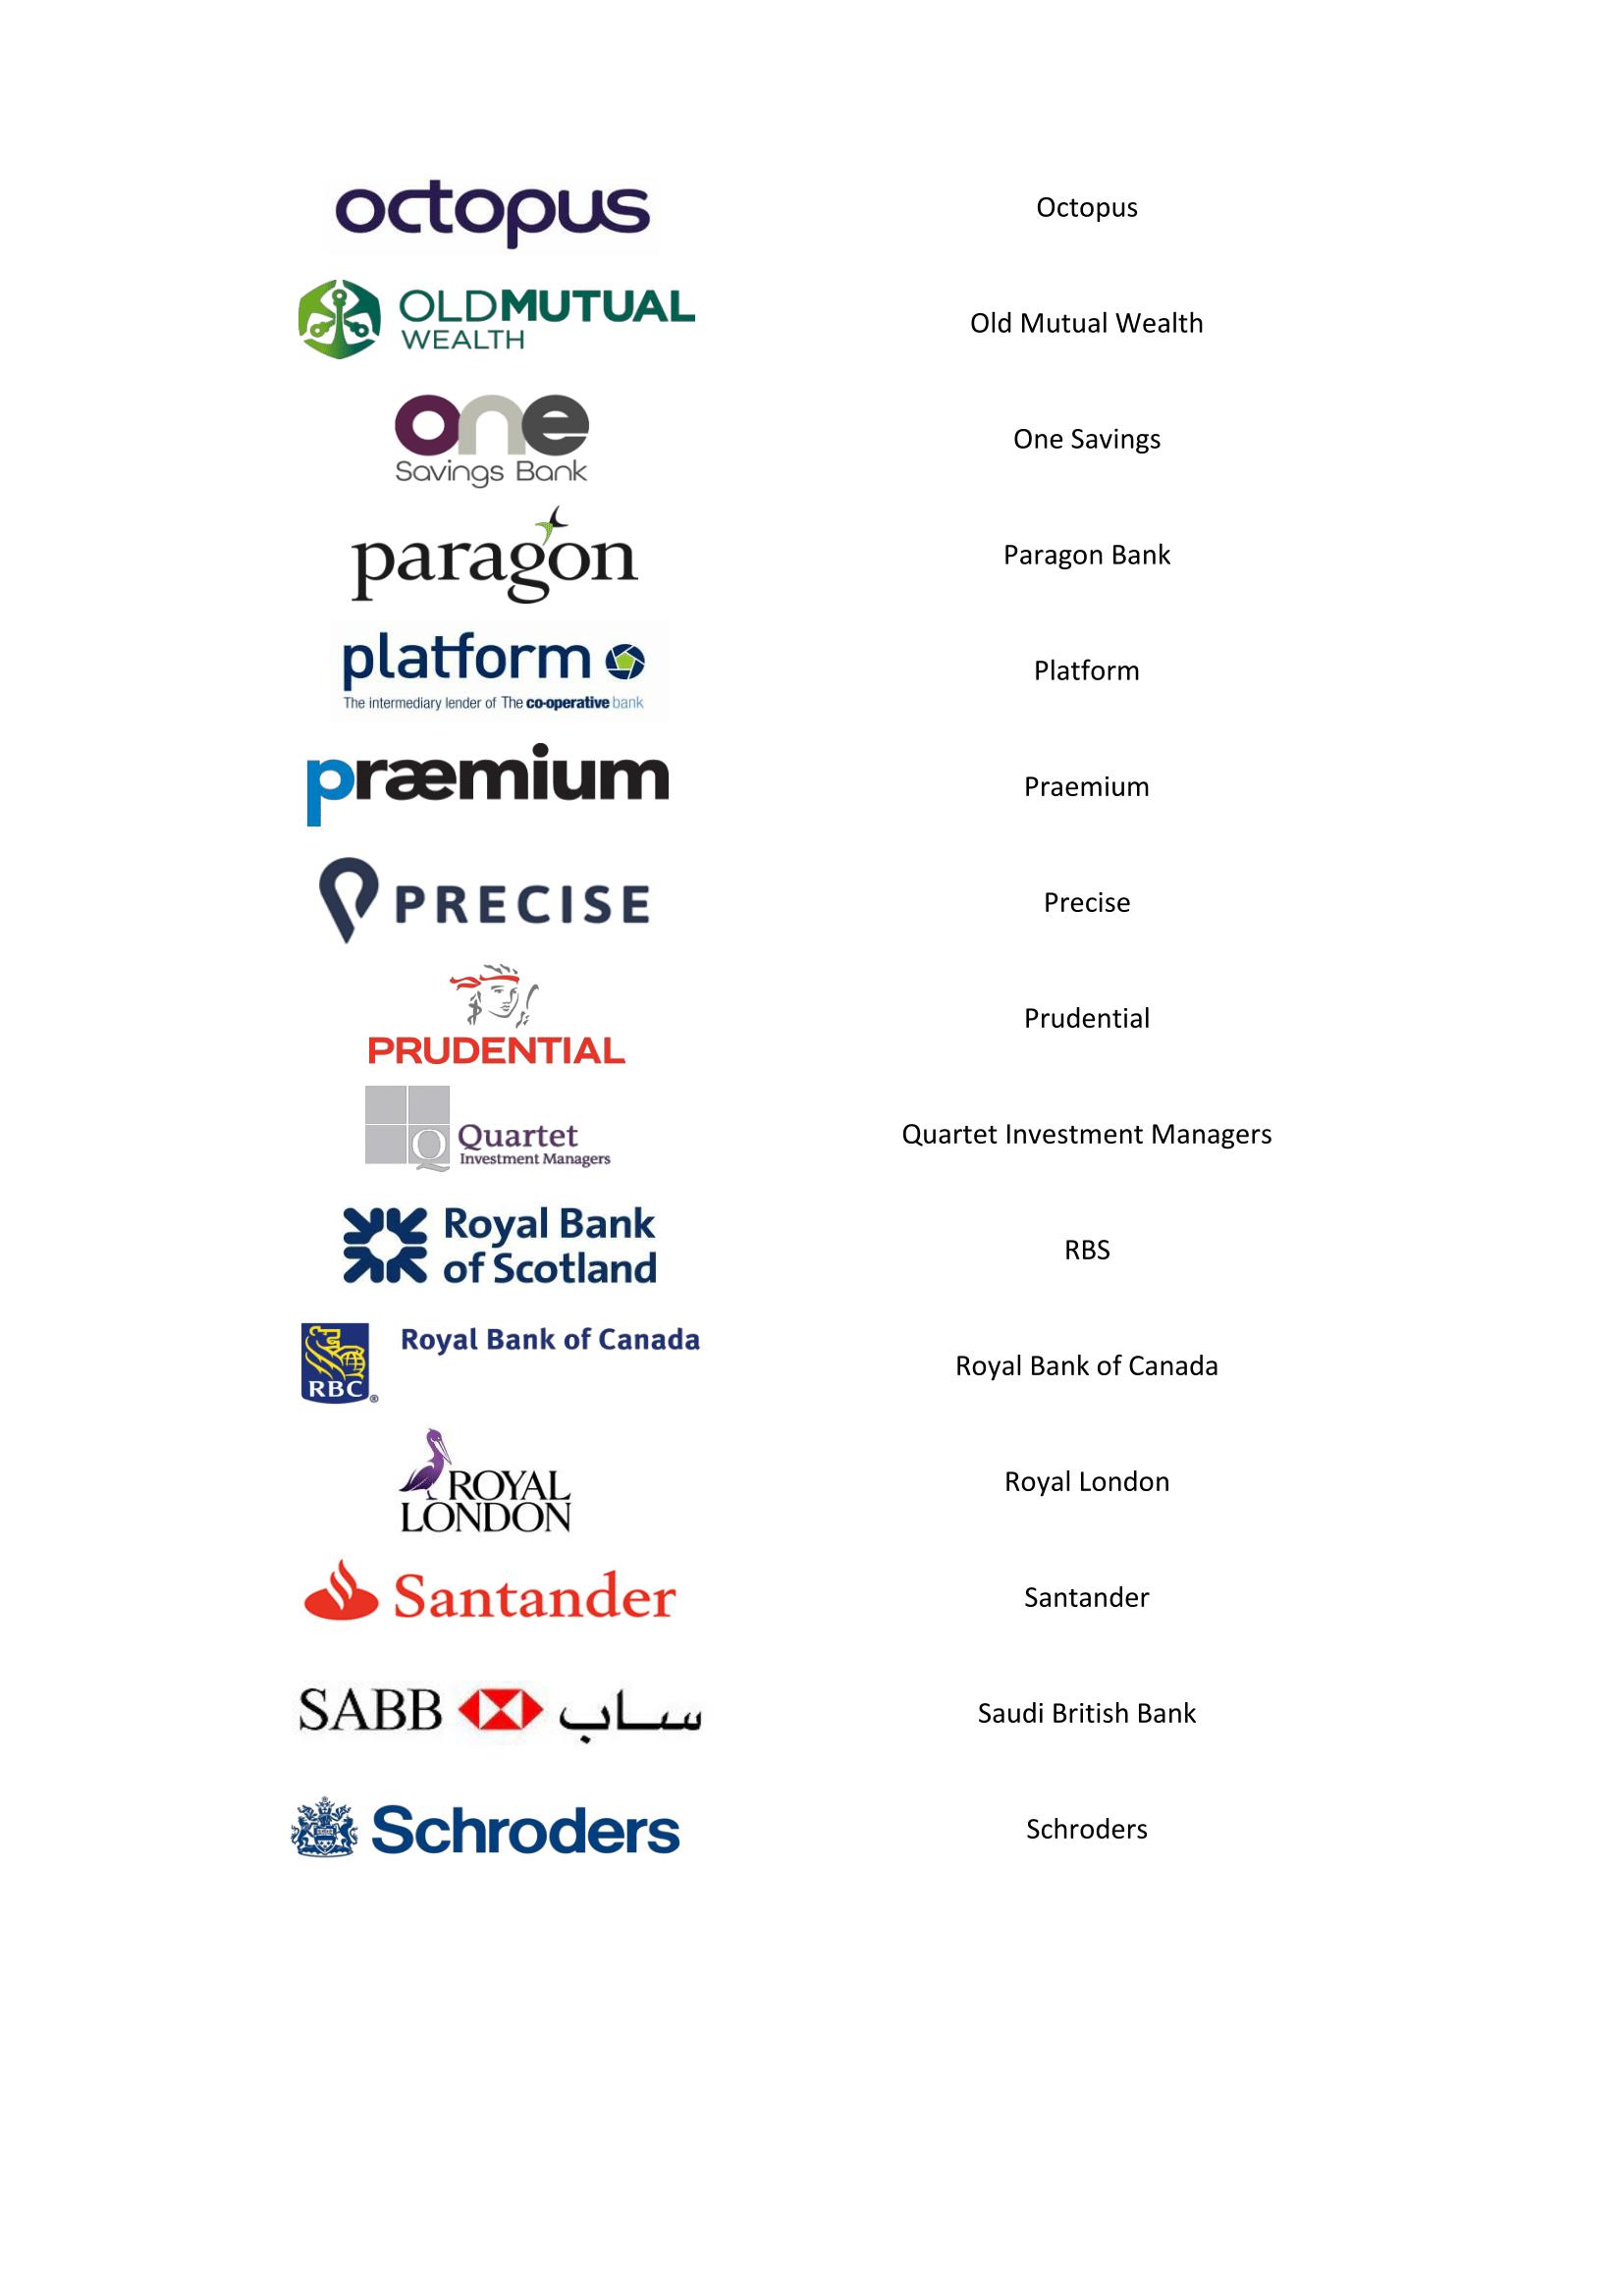 Bank Logos-4.png